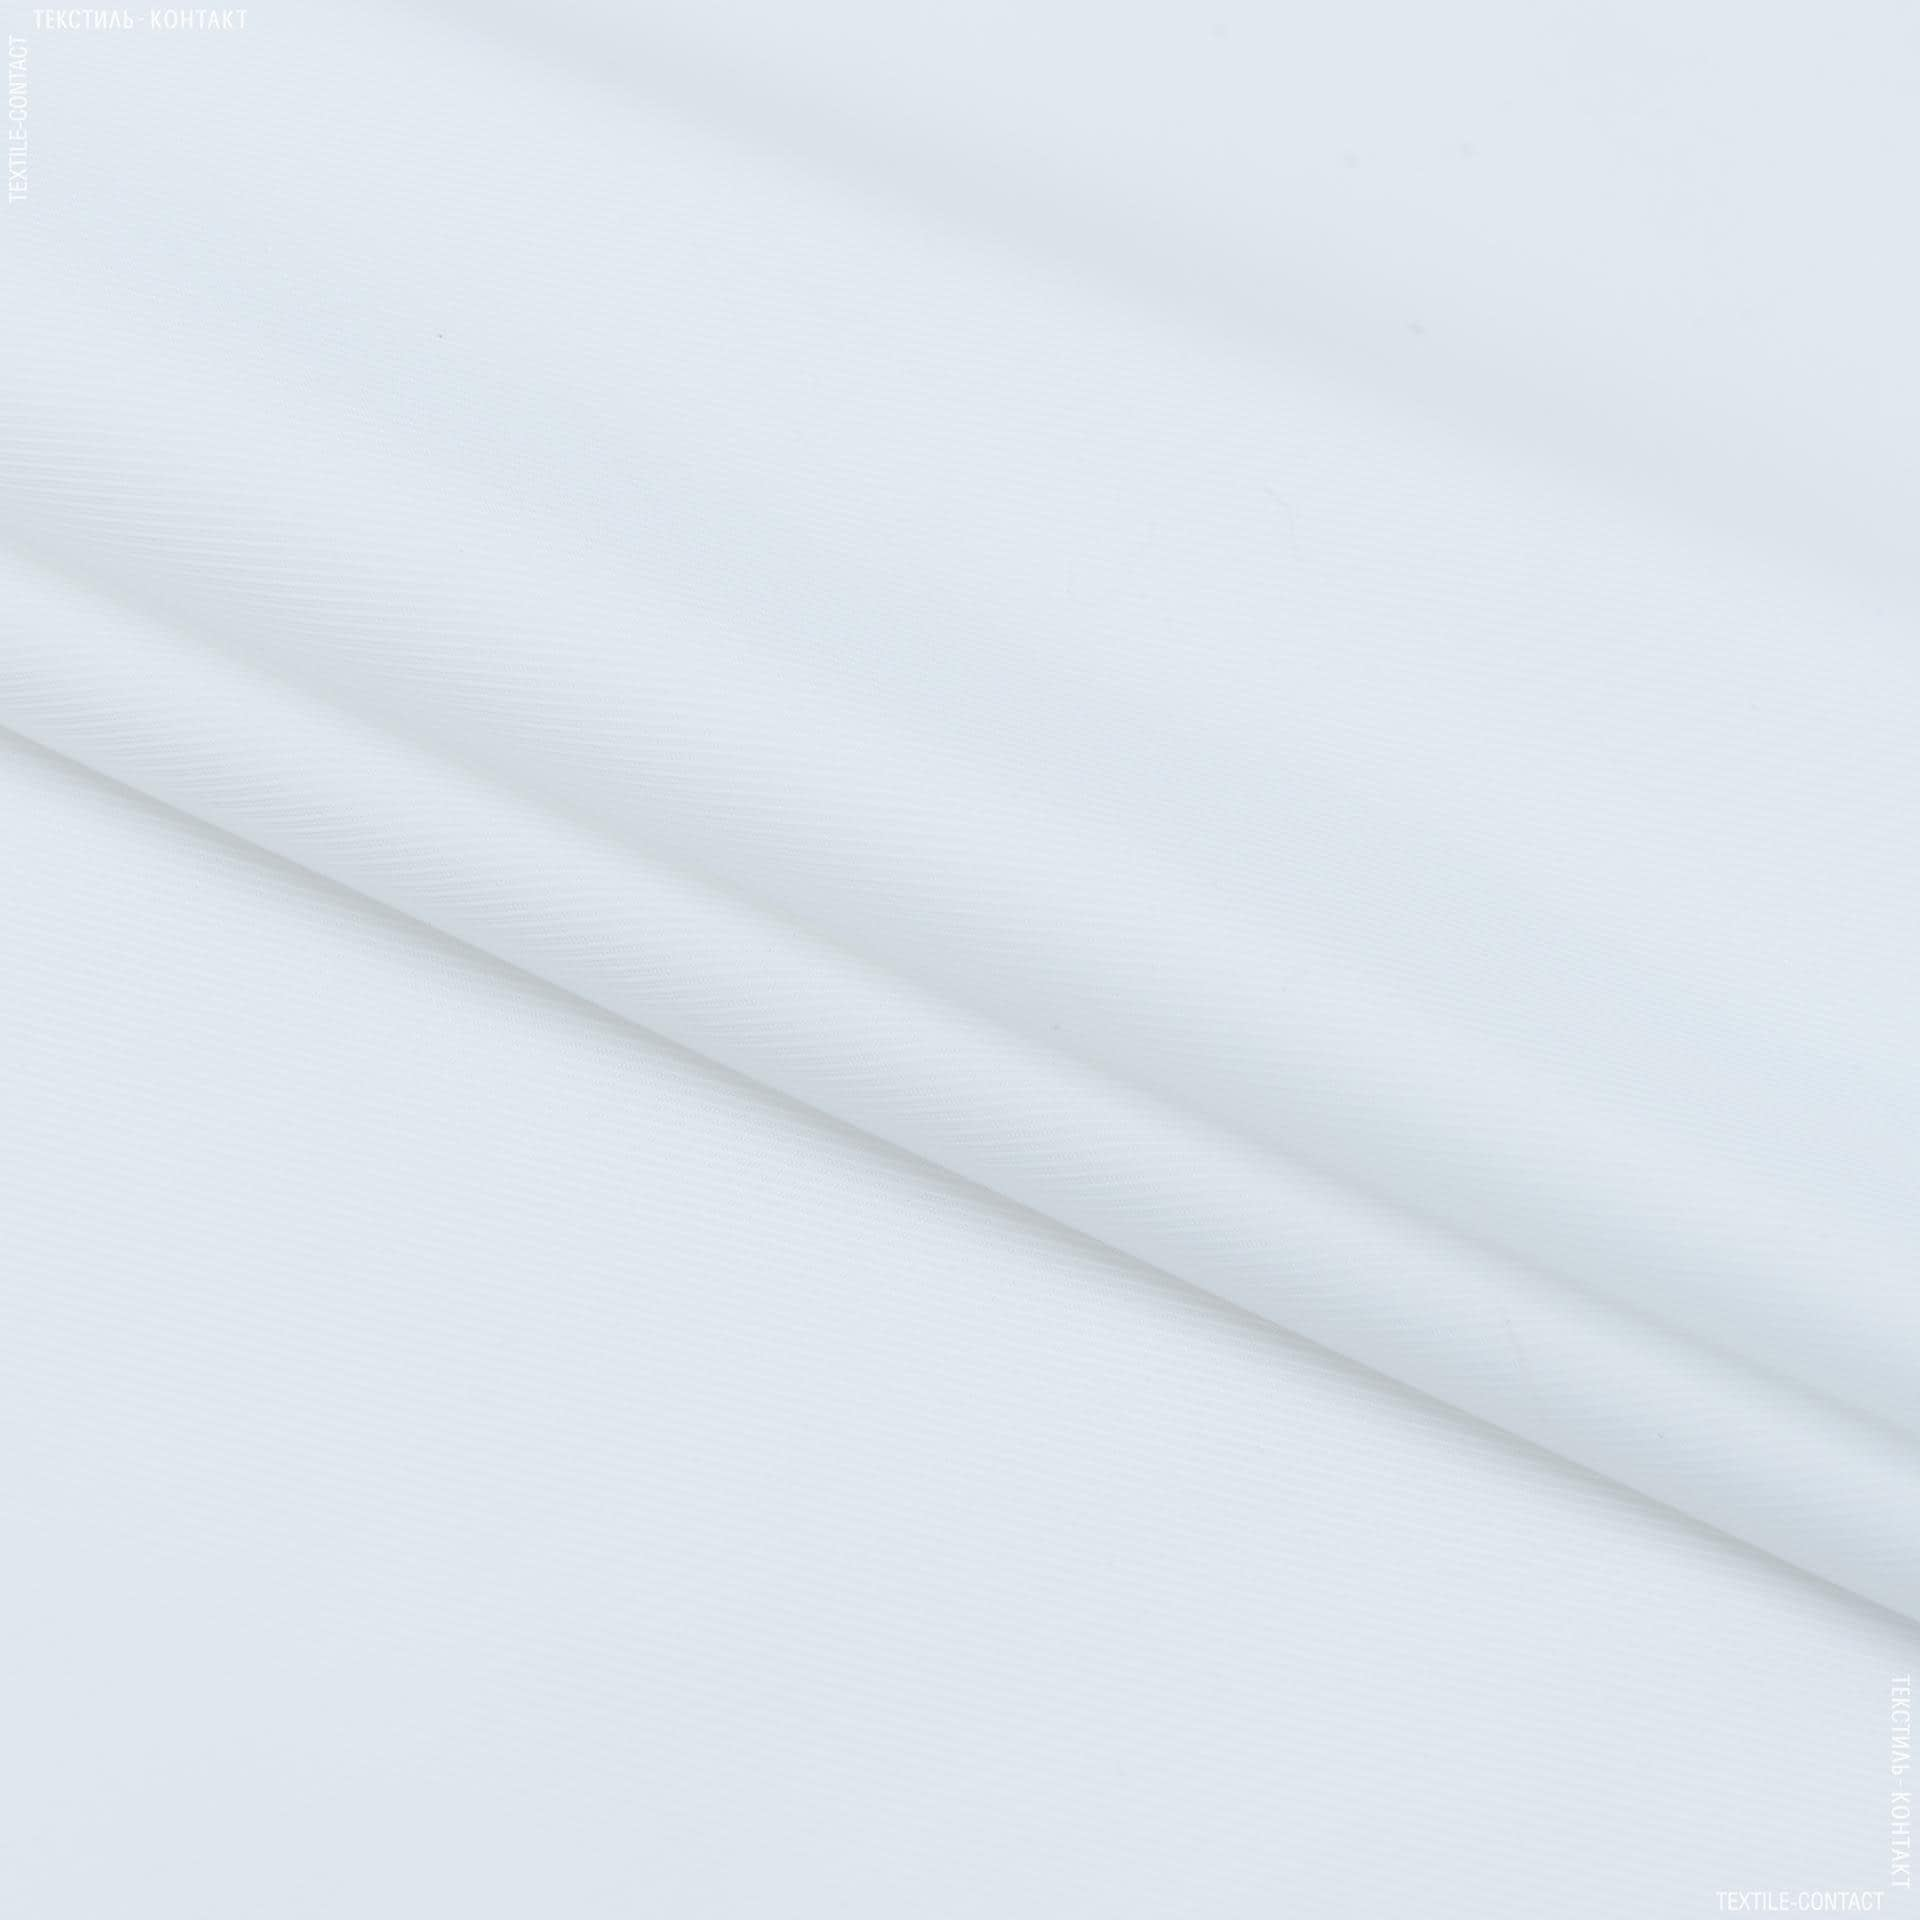 Тканини підкладкова тканина - Підкладкова діагональ білий